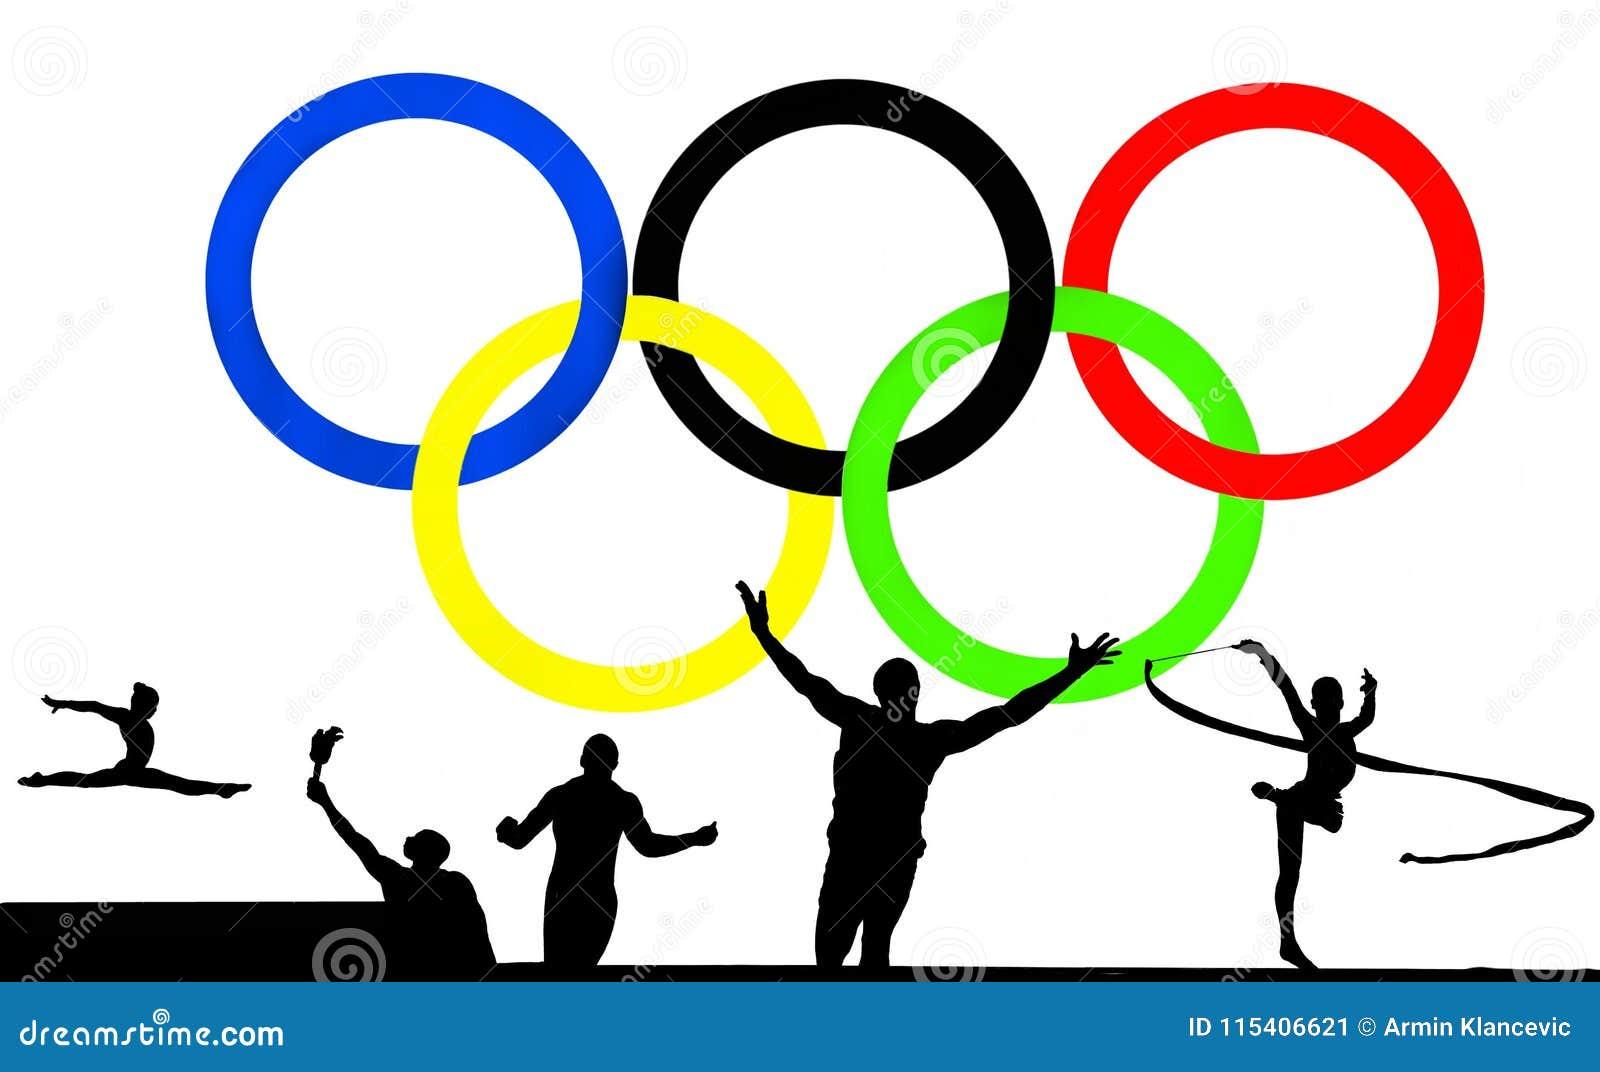 Logotipo Y Juegos Olimpicos Foto Editorial Ilustracion De Mano